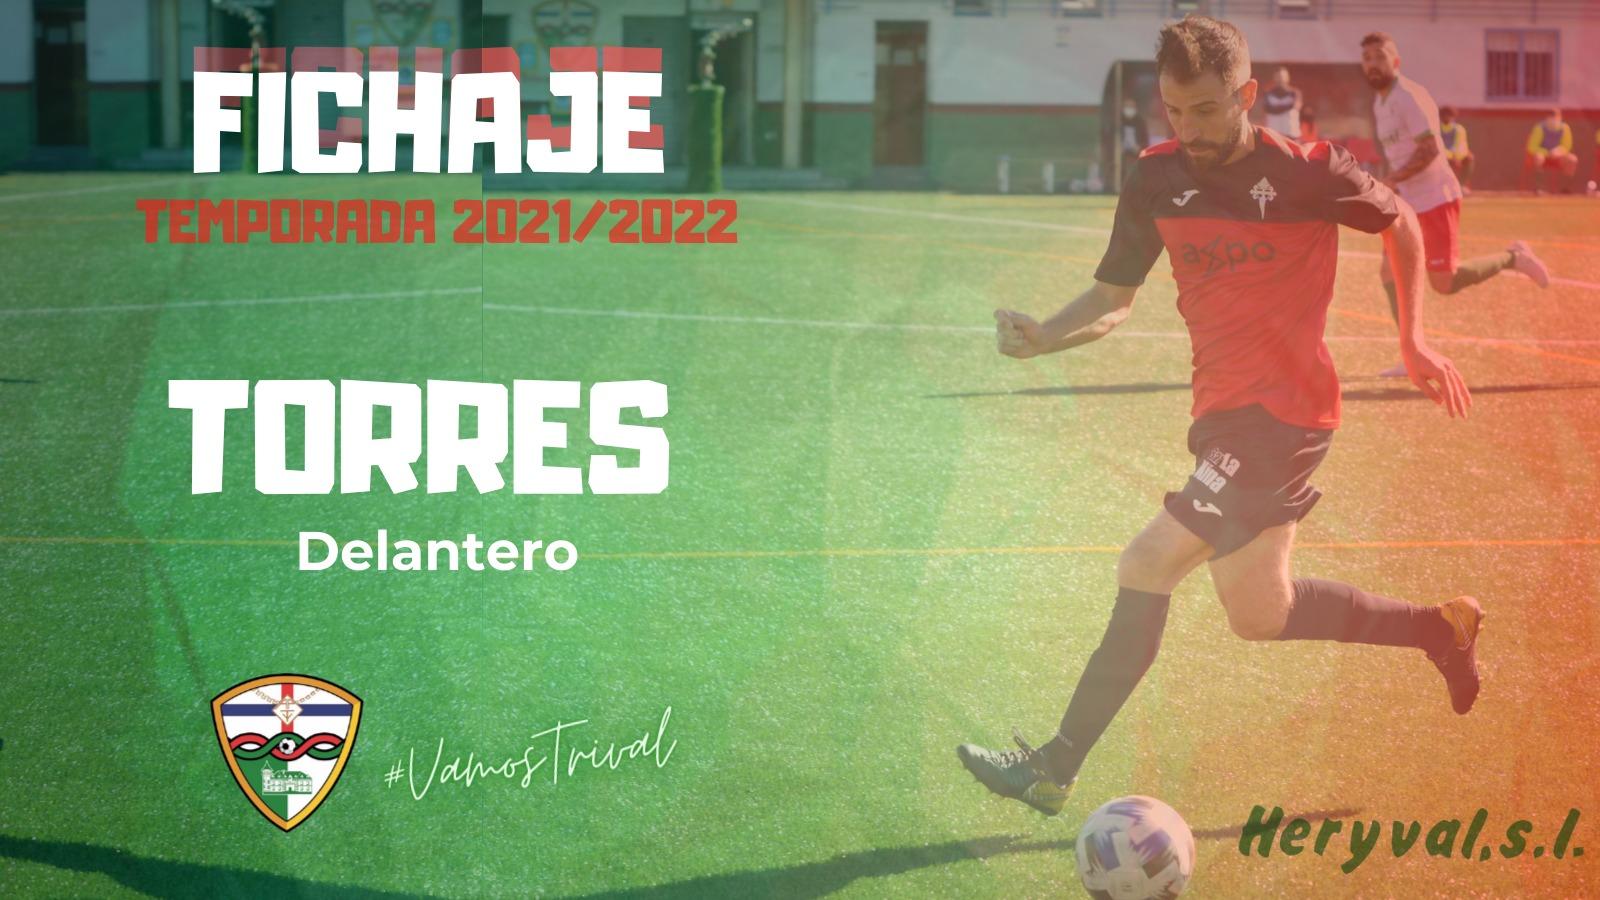 FICHAJE | Torres, segunda incorporación del Primer Equipo